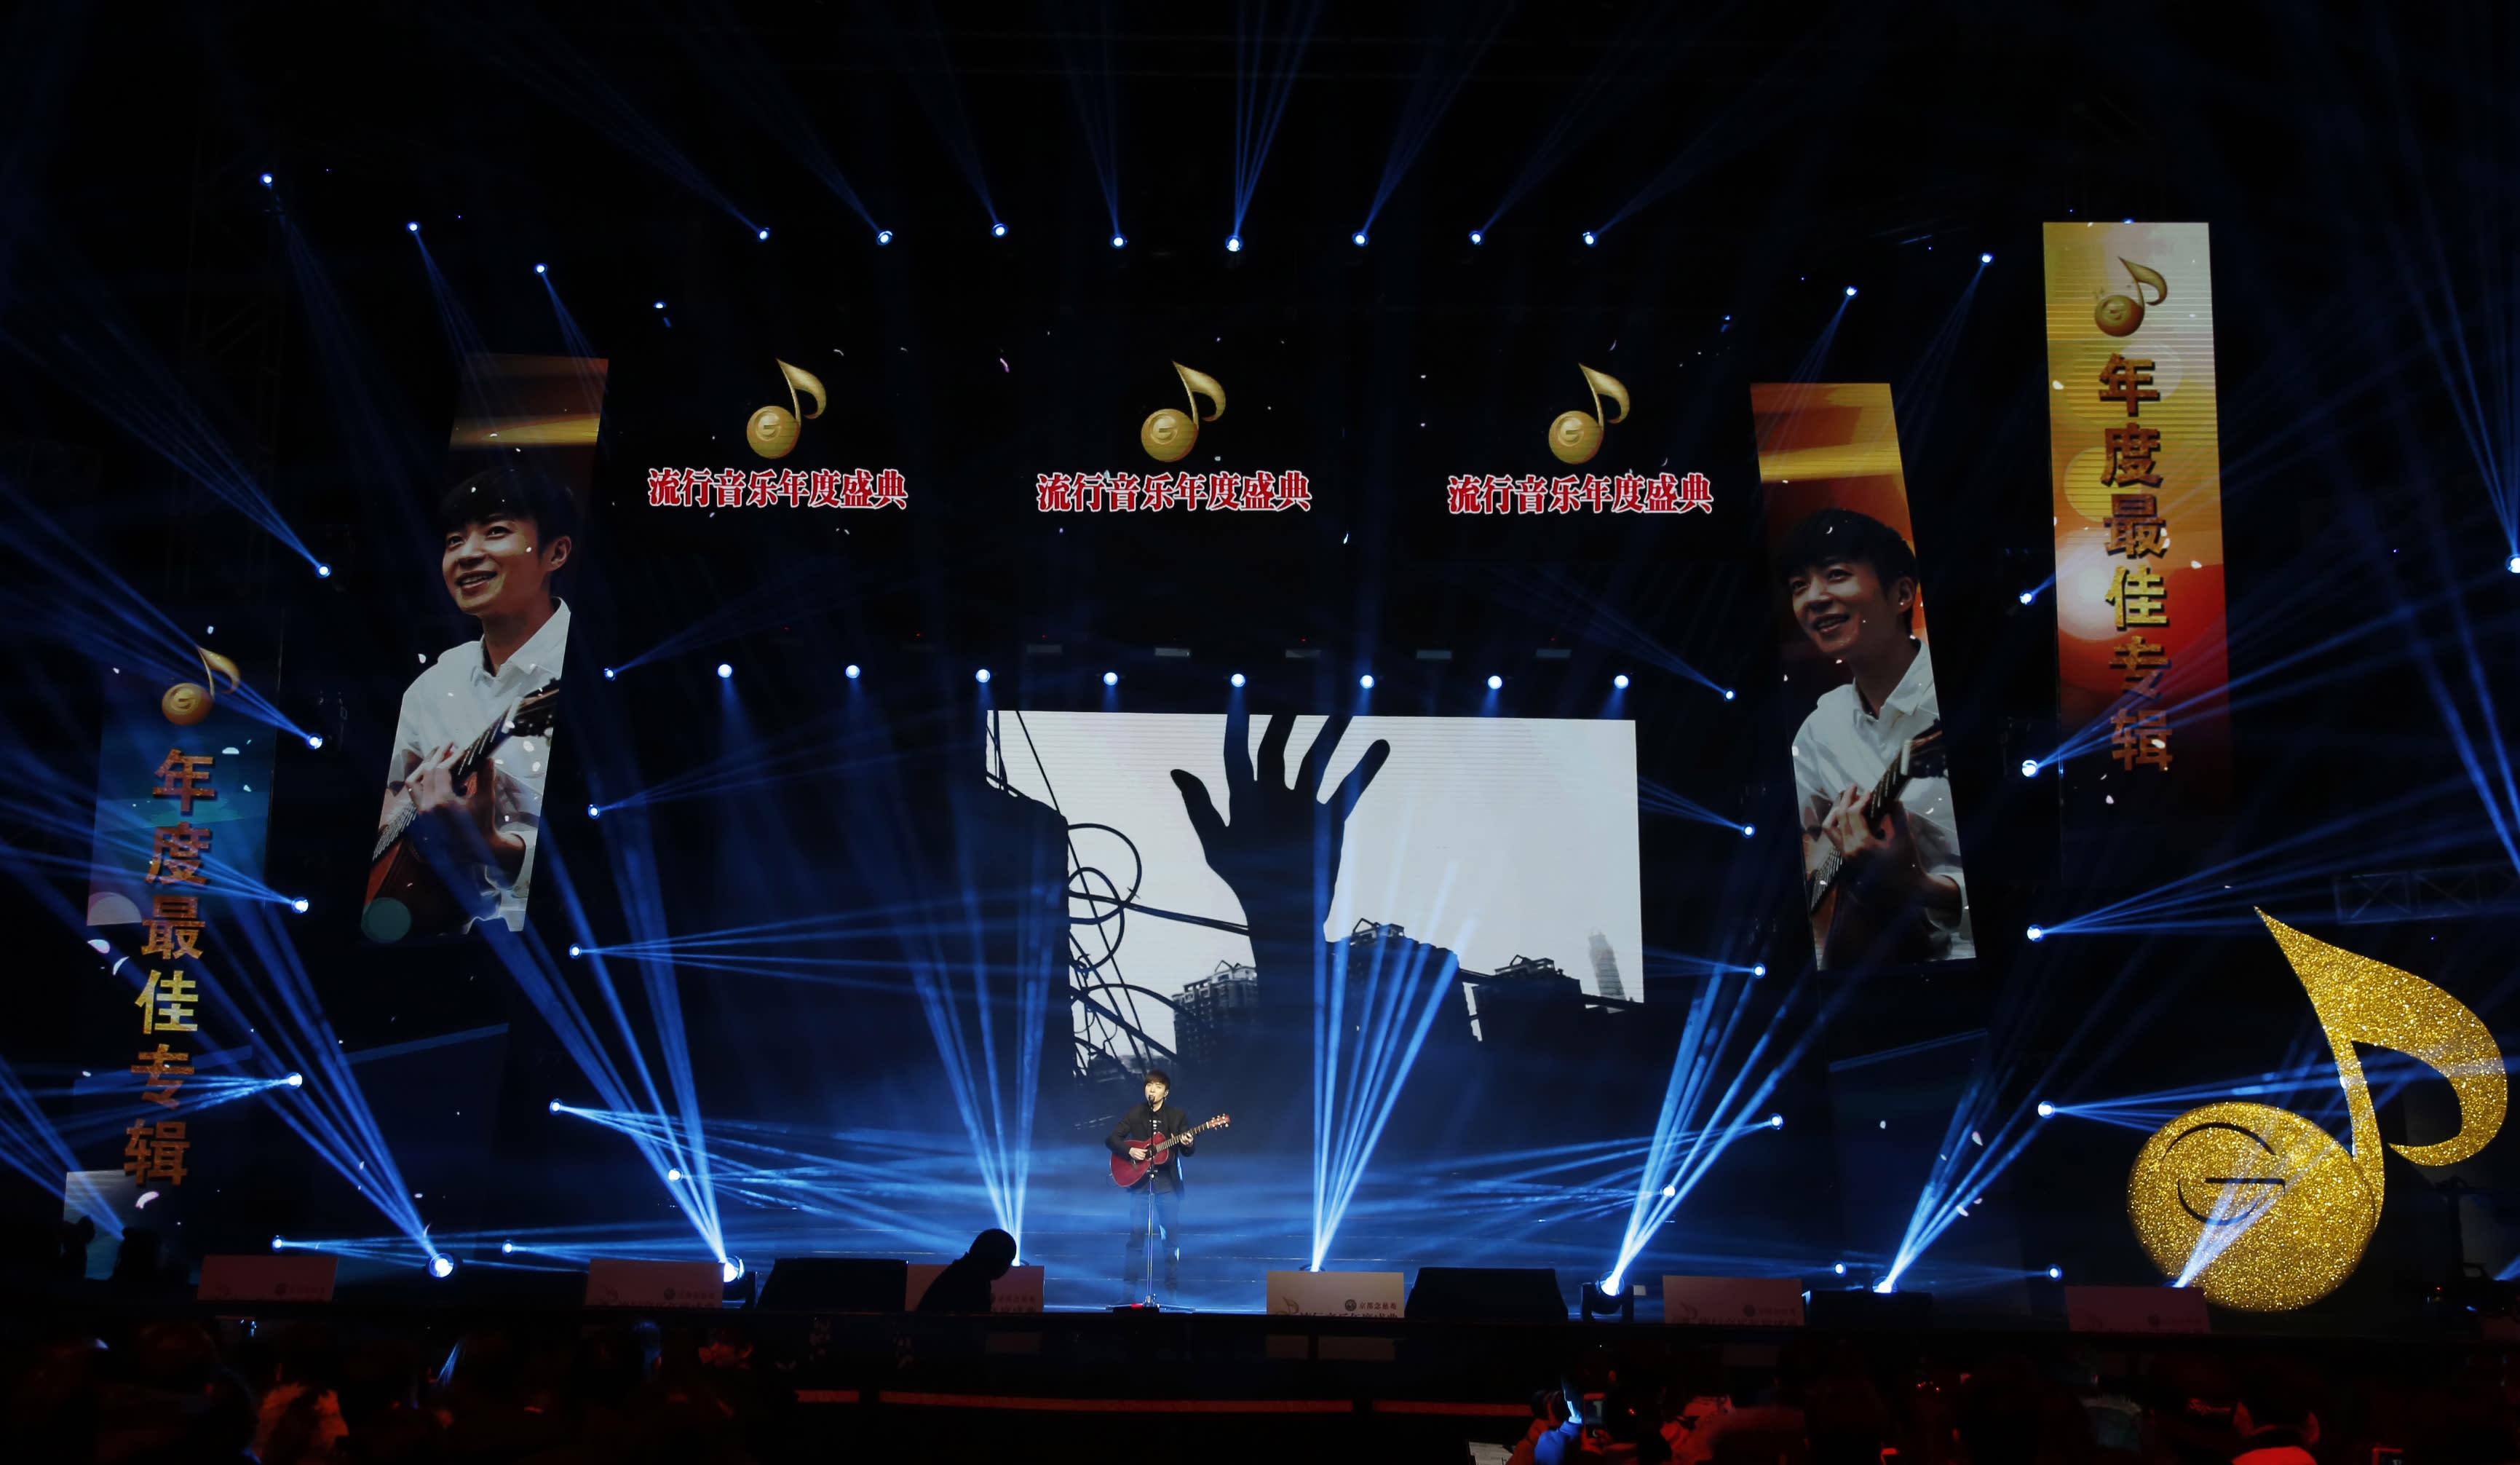 李劍青獲「年度最佳專輯」、家家獲「年度20大金曲」等3項大獎